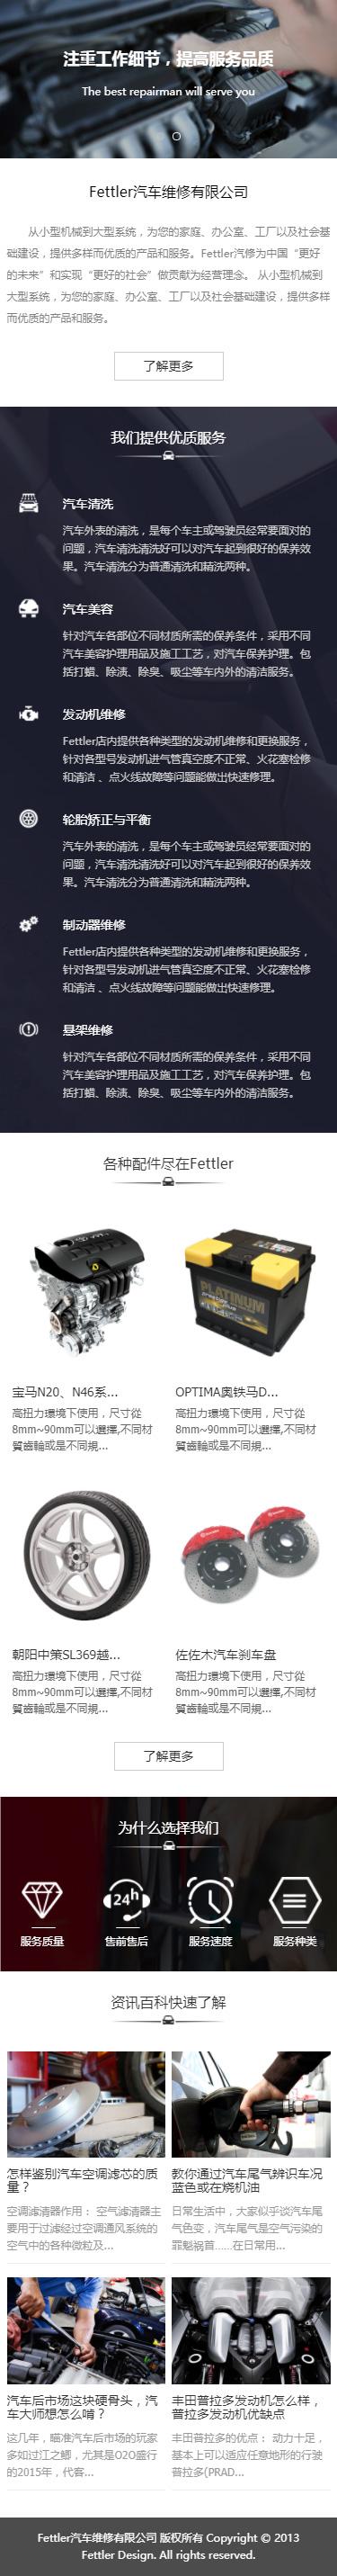 Fettler汽修展示小程序模板